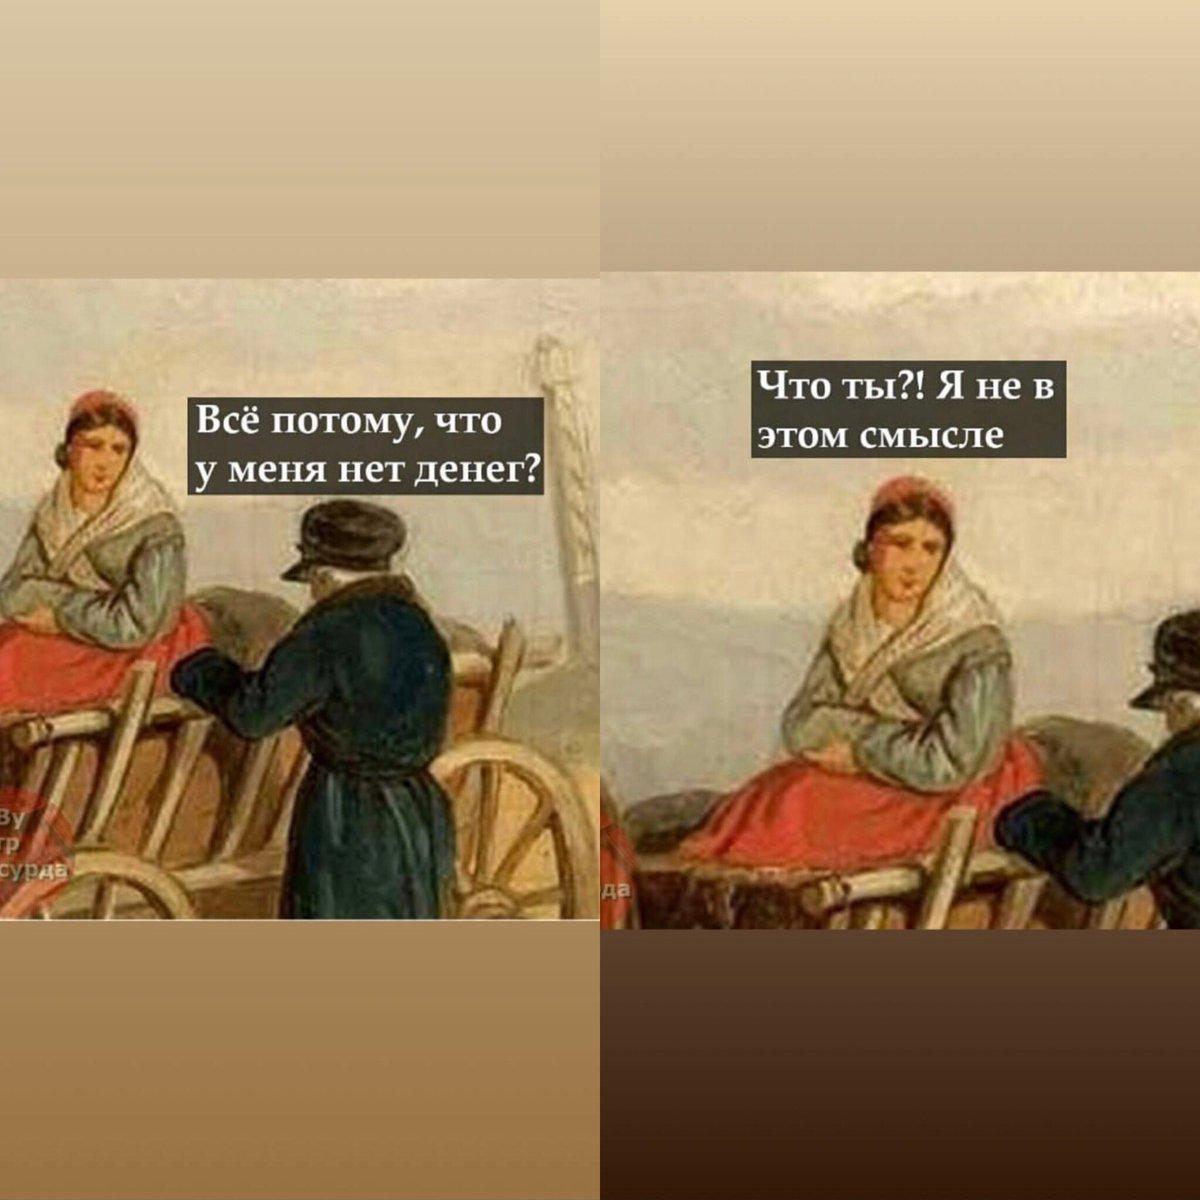 Telegram против Роскомнадзора: главные мемы за первые дни блокировки мессенджера